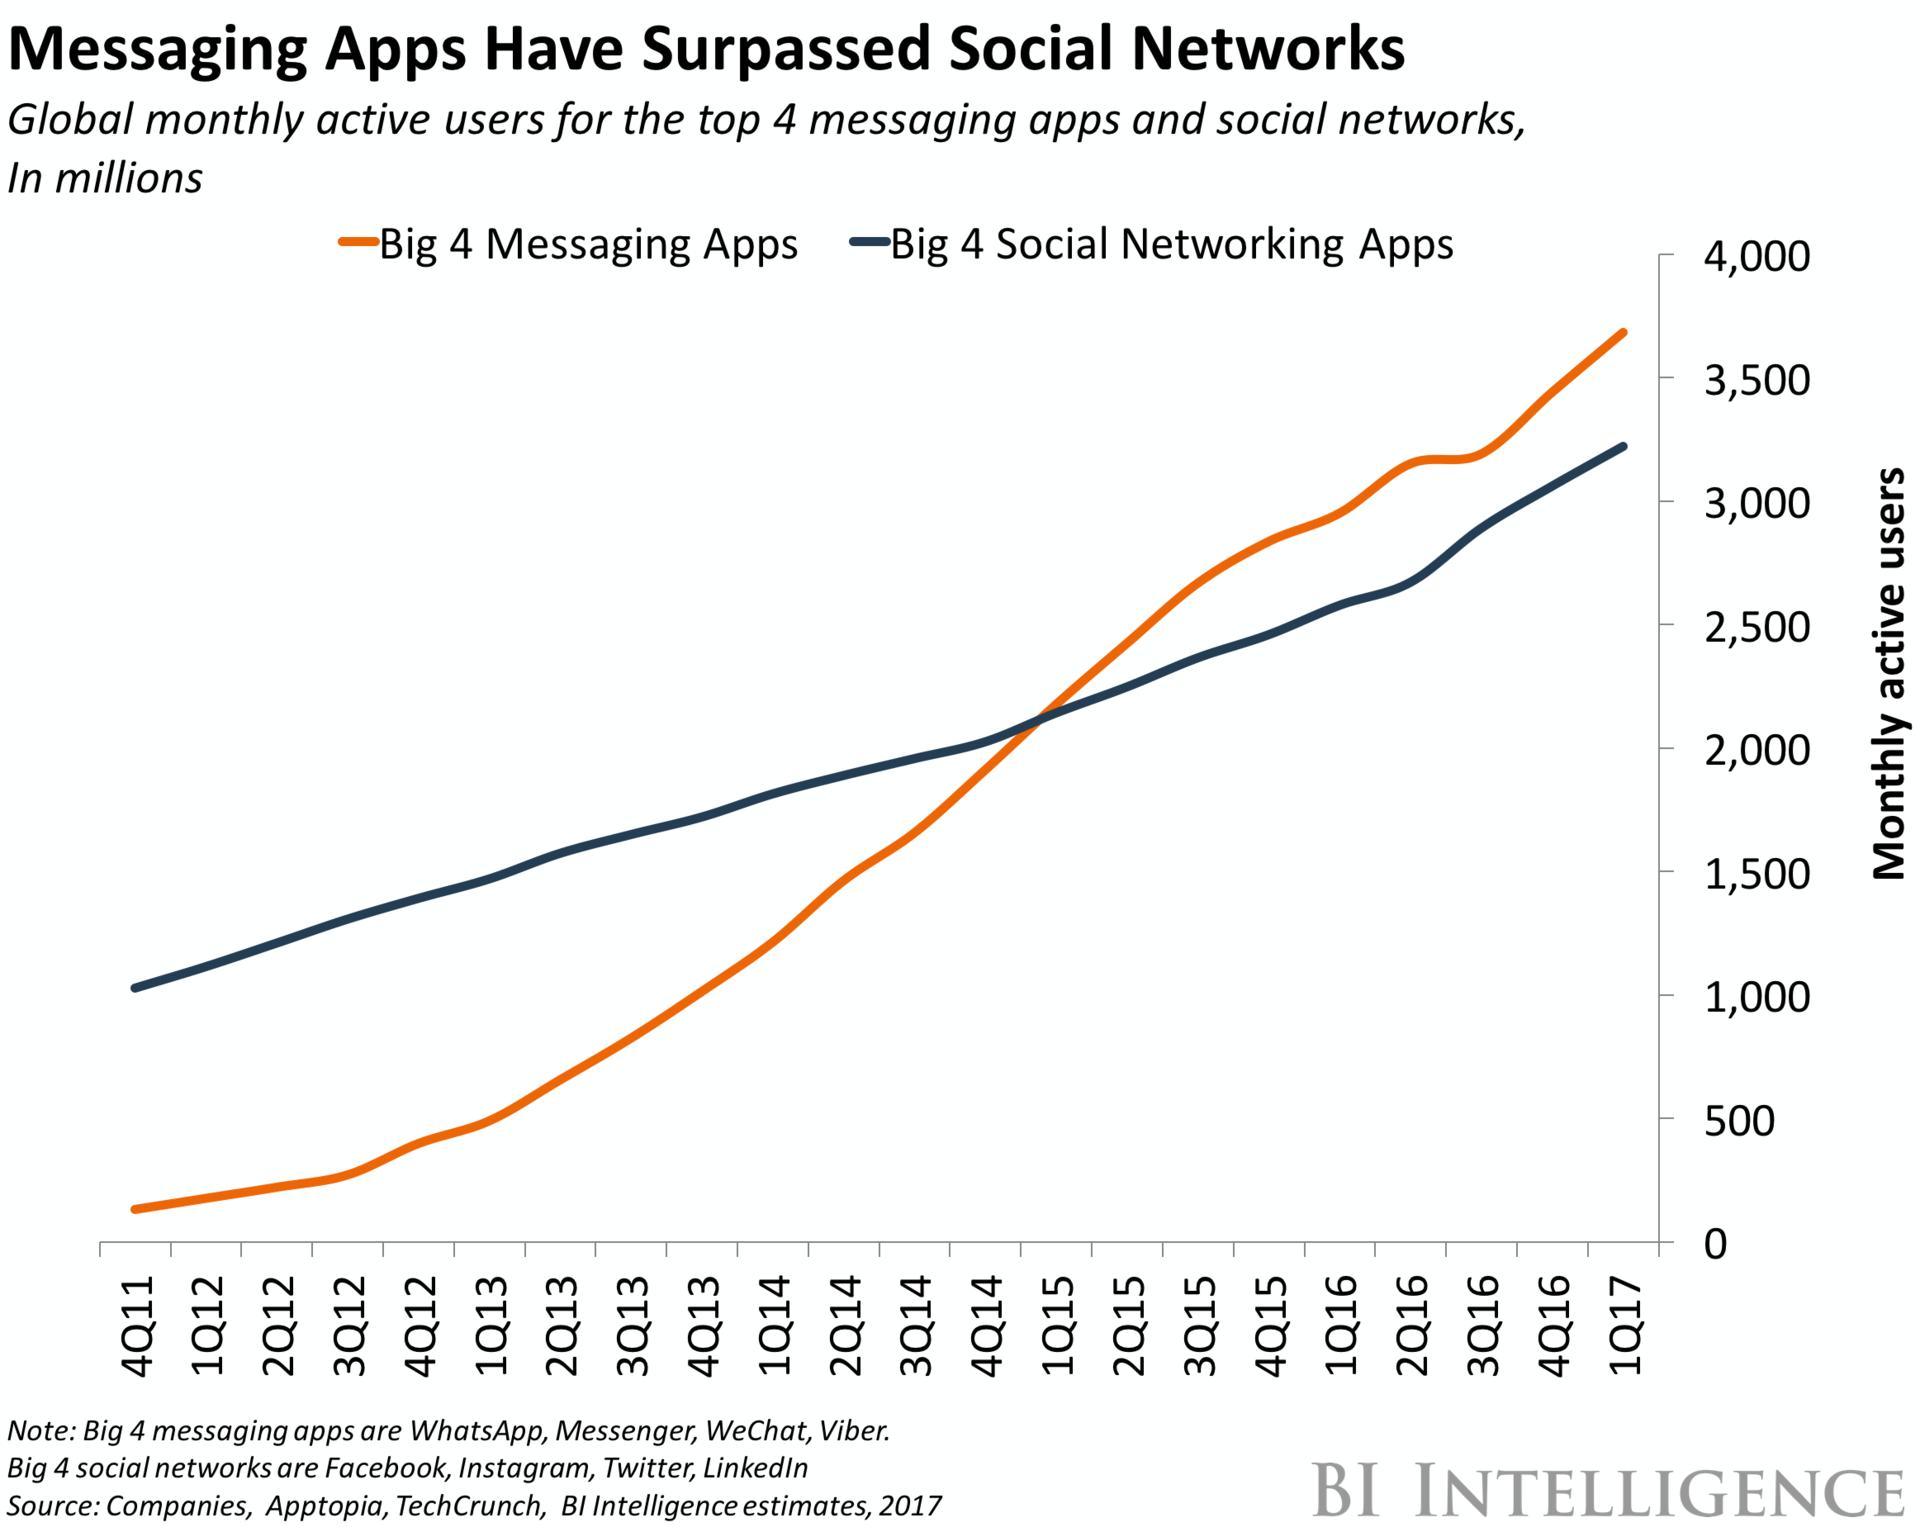 Las aplicaciones de mensajería superan la cantidad de usuarios en Redes sociales - Marketing en Faceboook Messenger